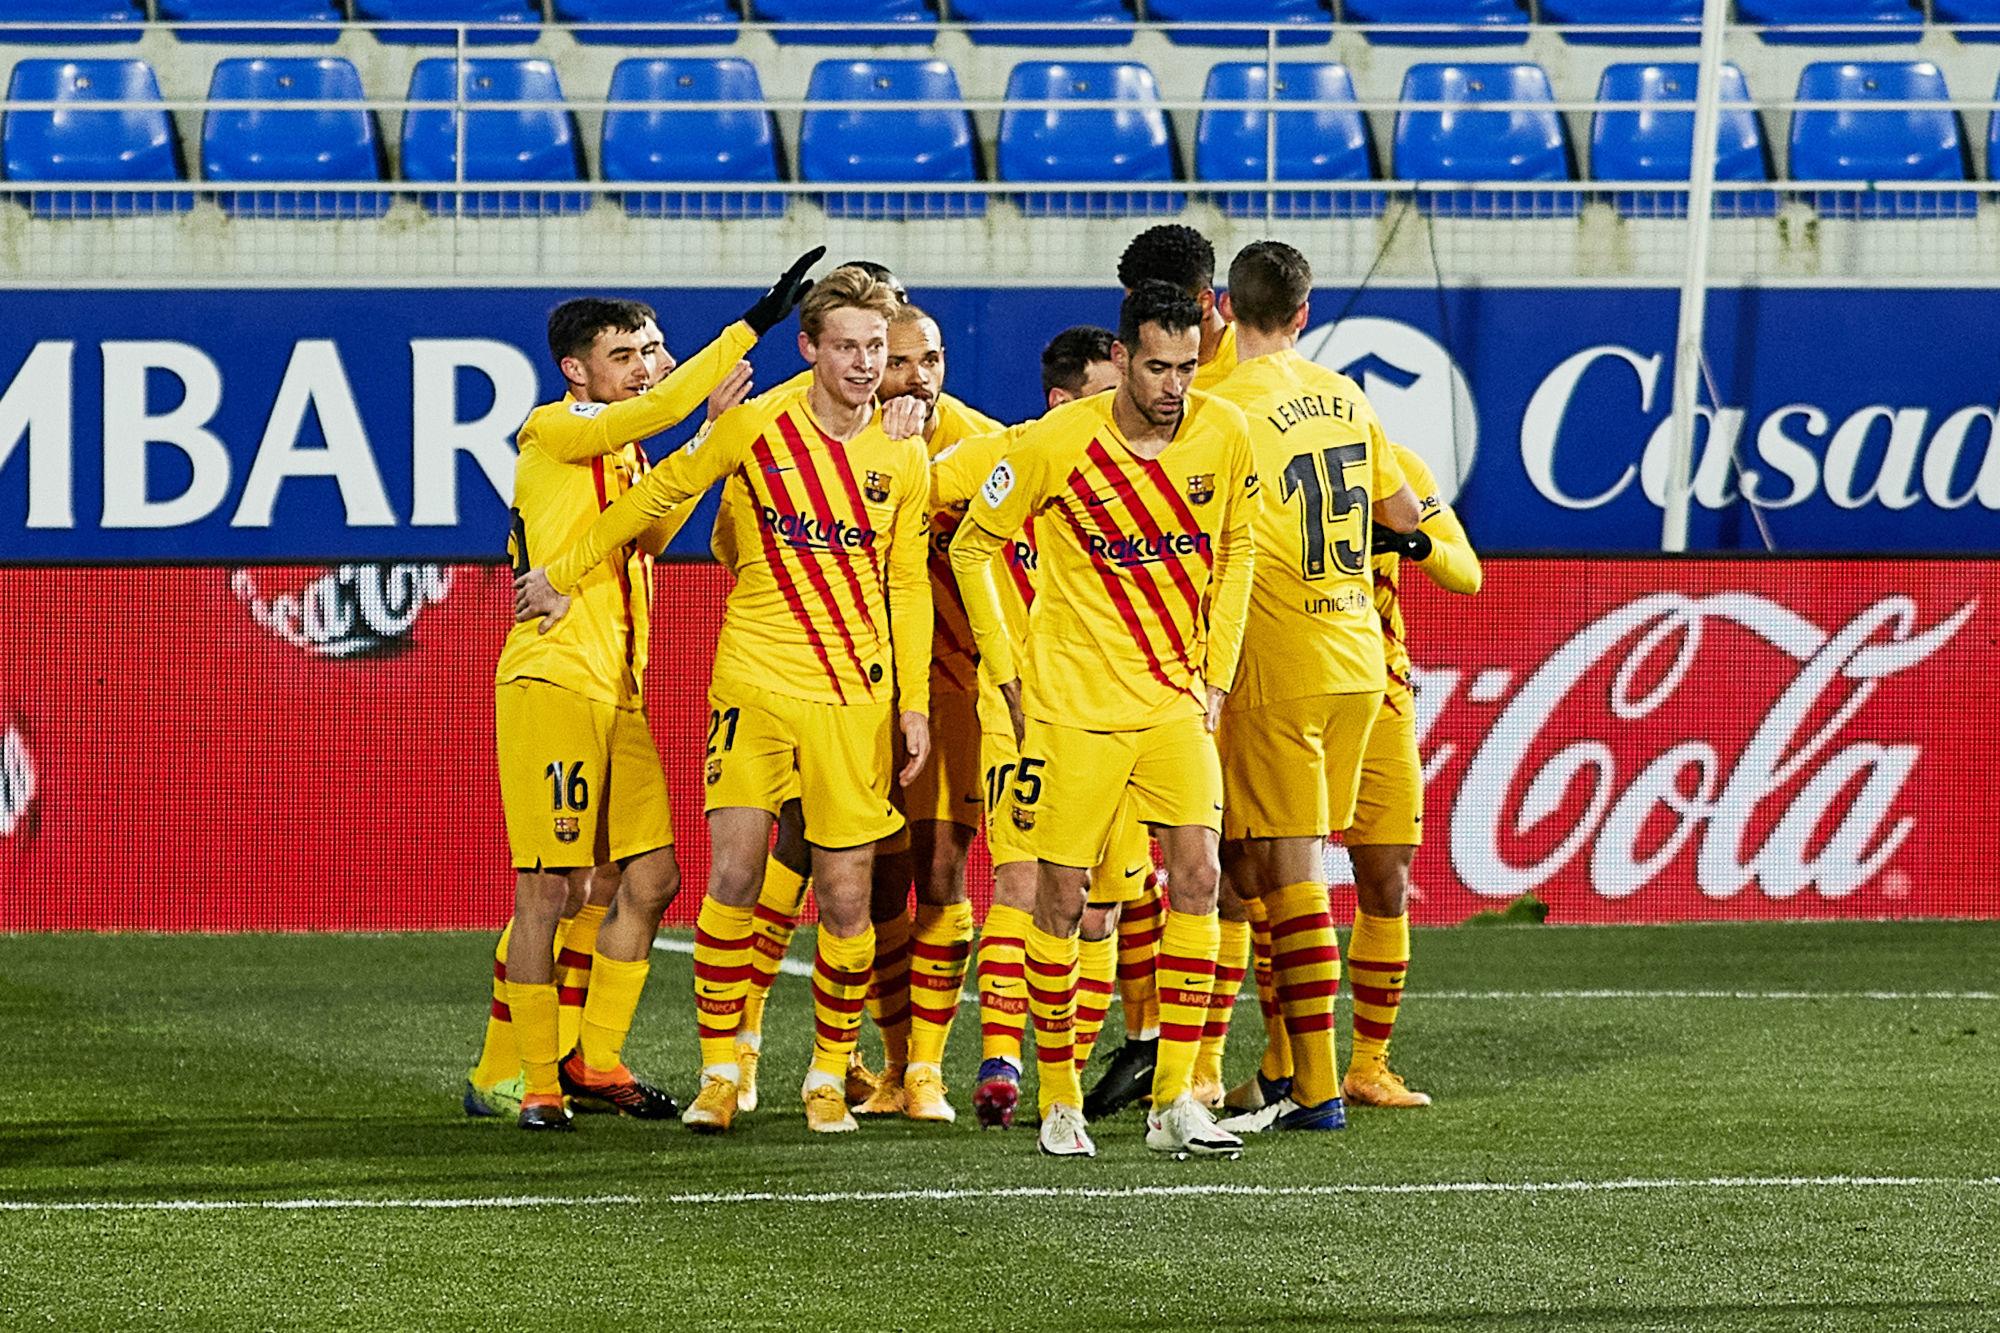 LDC - Le Barça s'impose 1-0 à Huesca avec un relativement bon contenu